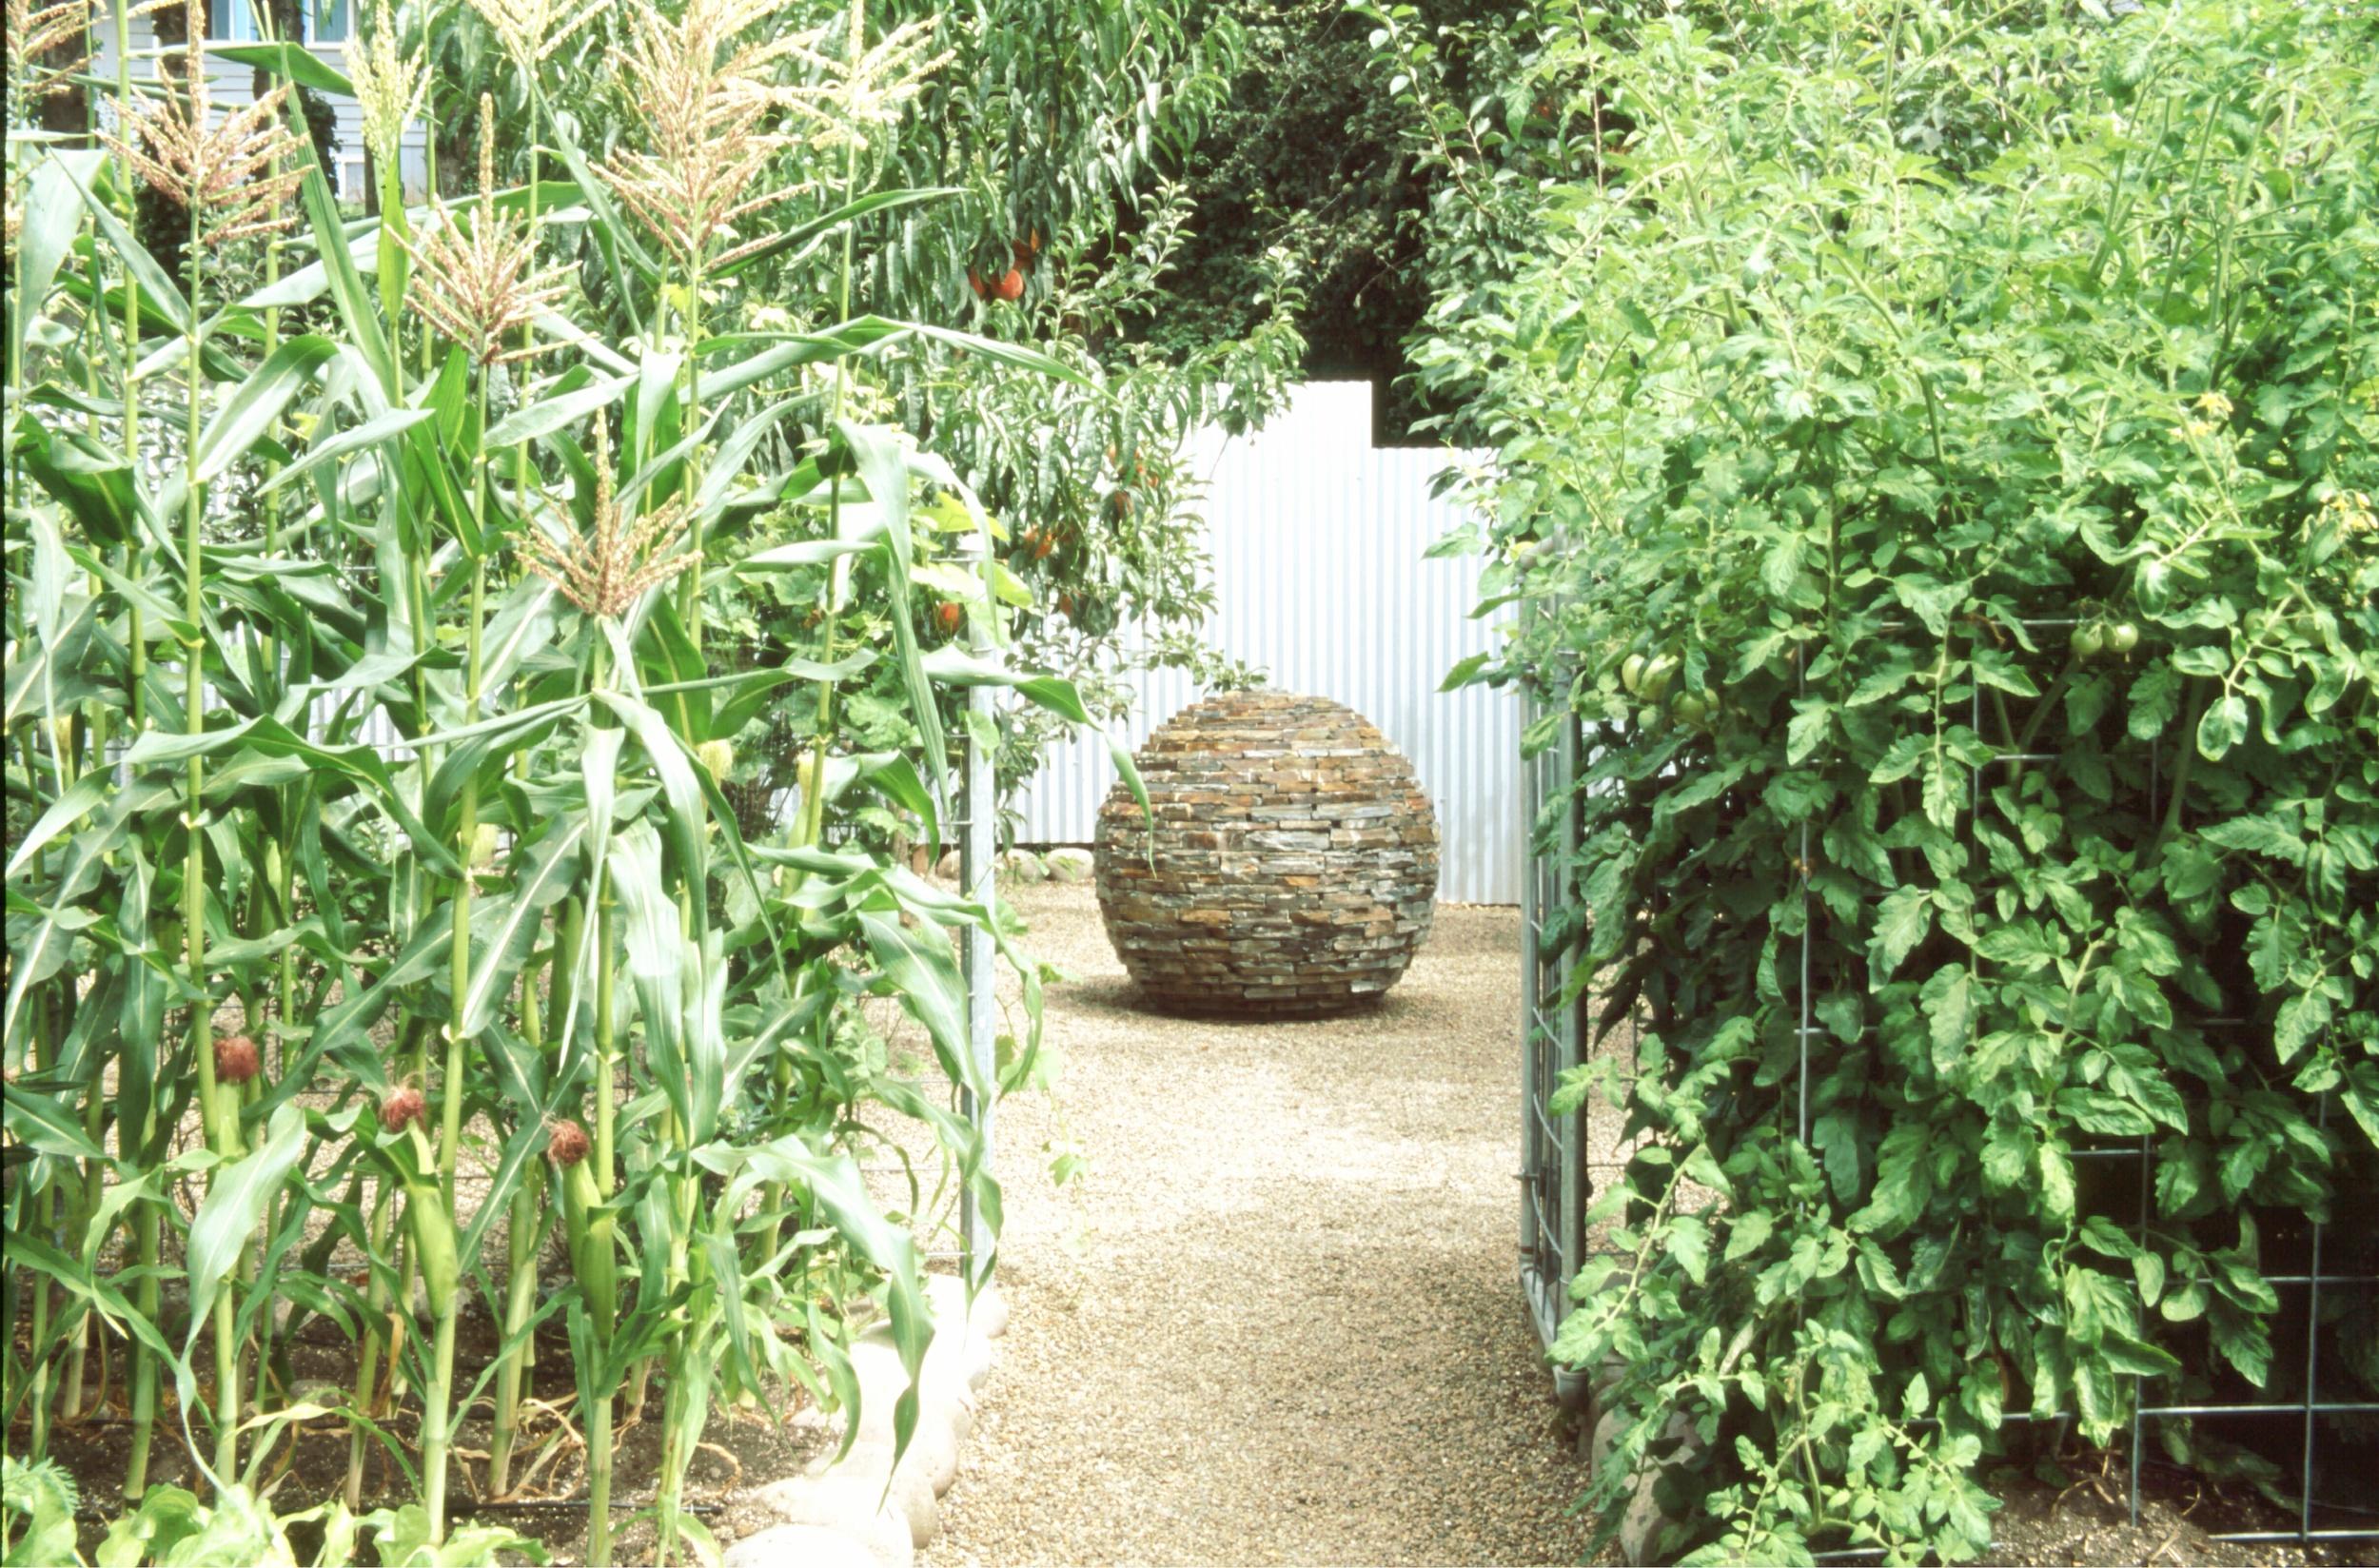 Our vegetable garden, circa 2004. Photo courtesy of Robin Bachtler Cushman